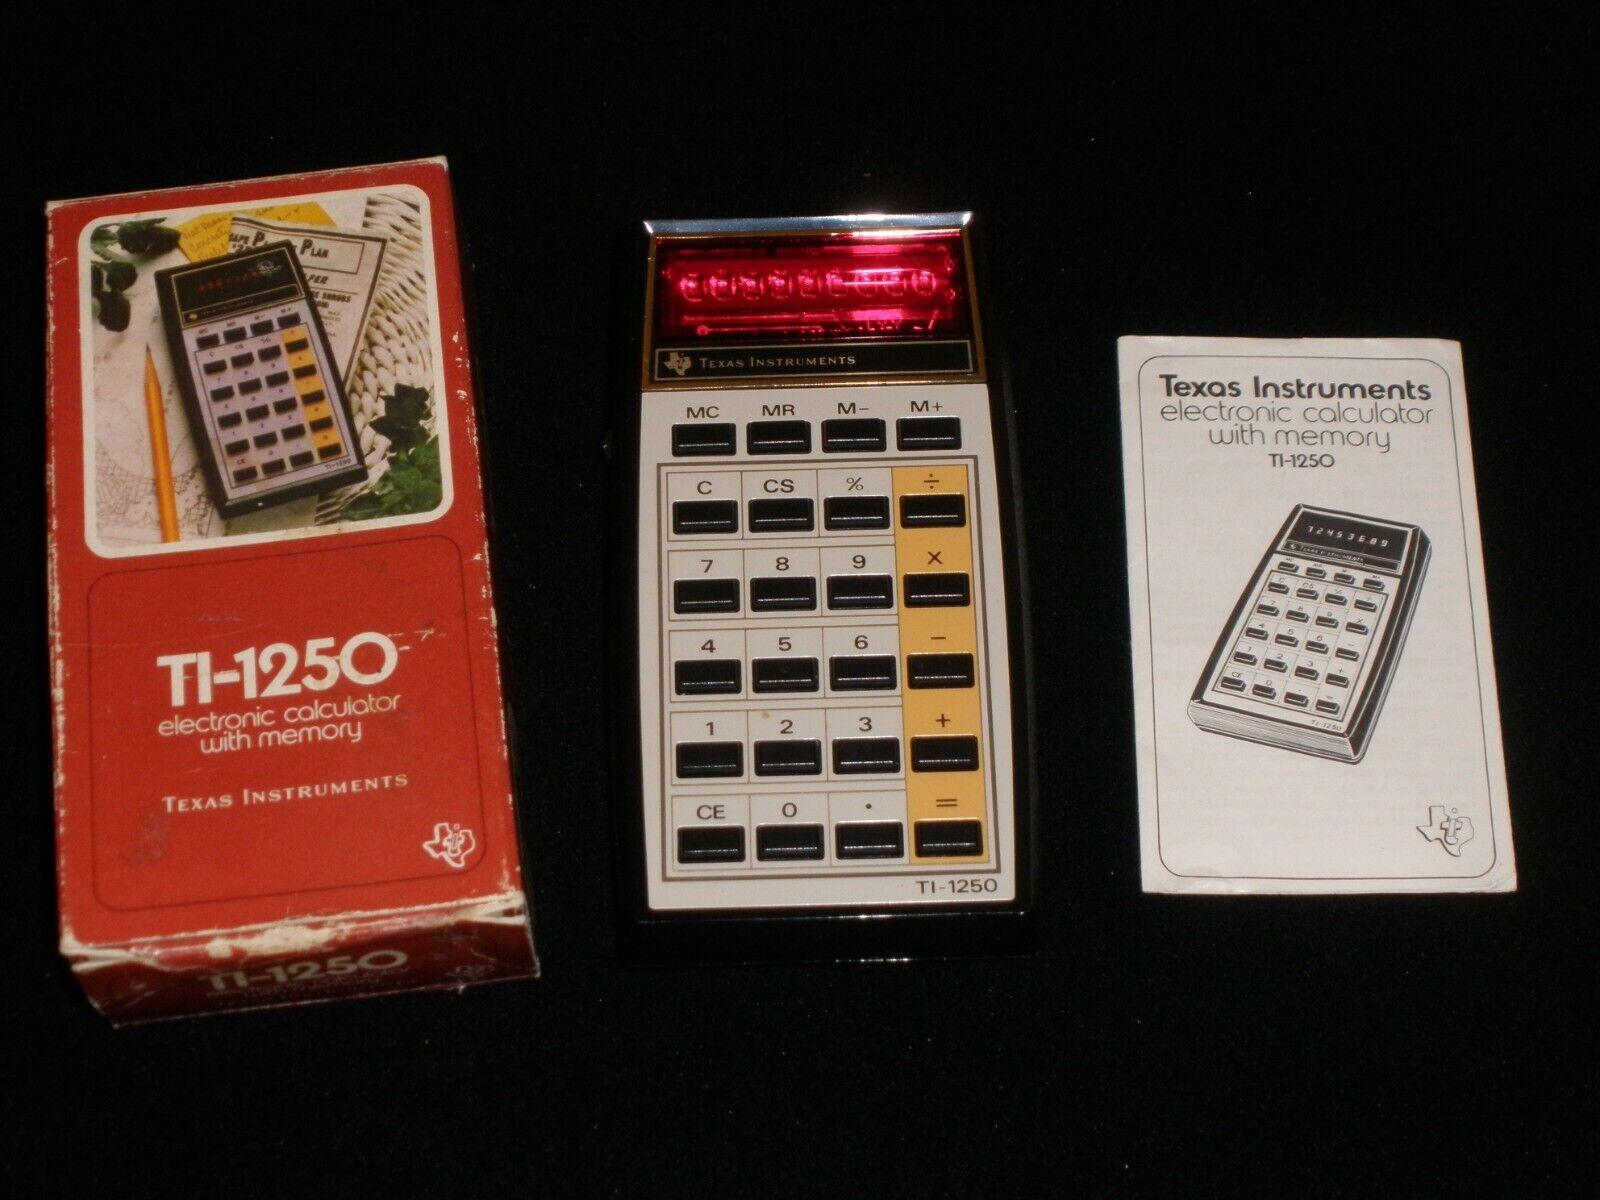 Vintage Texas Instruments TI-1250 Calculator - $9.99